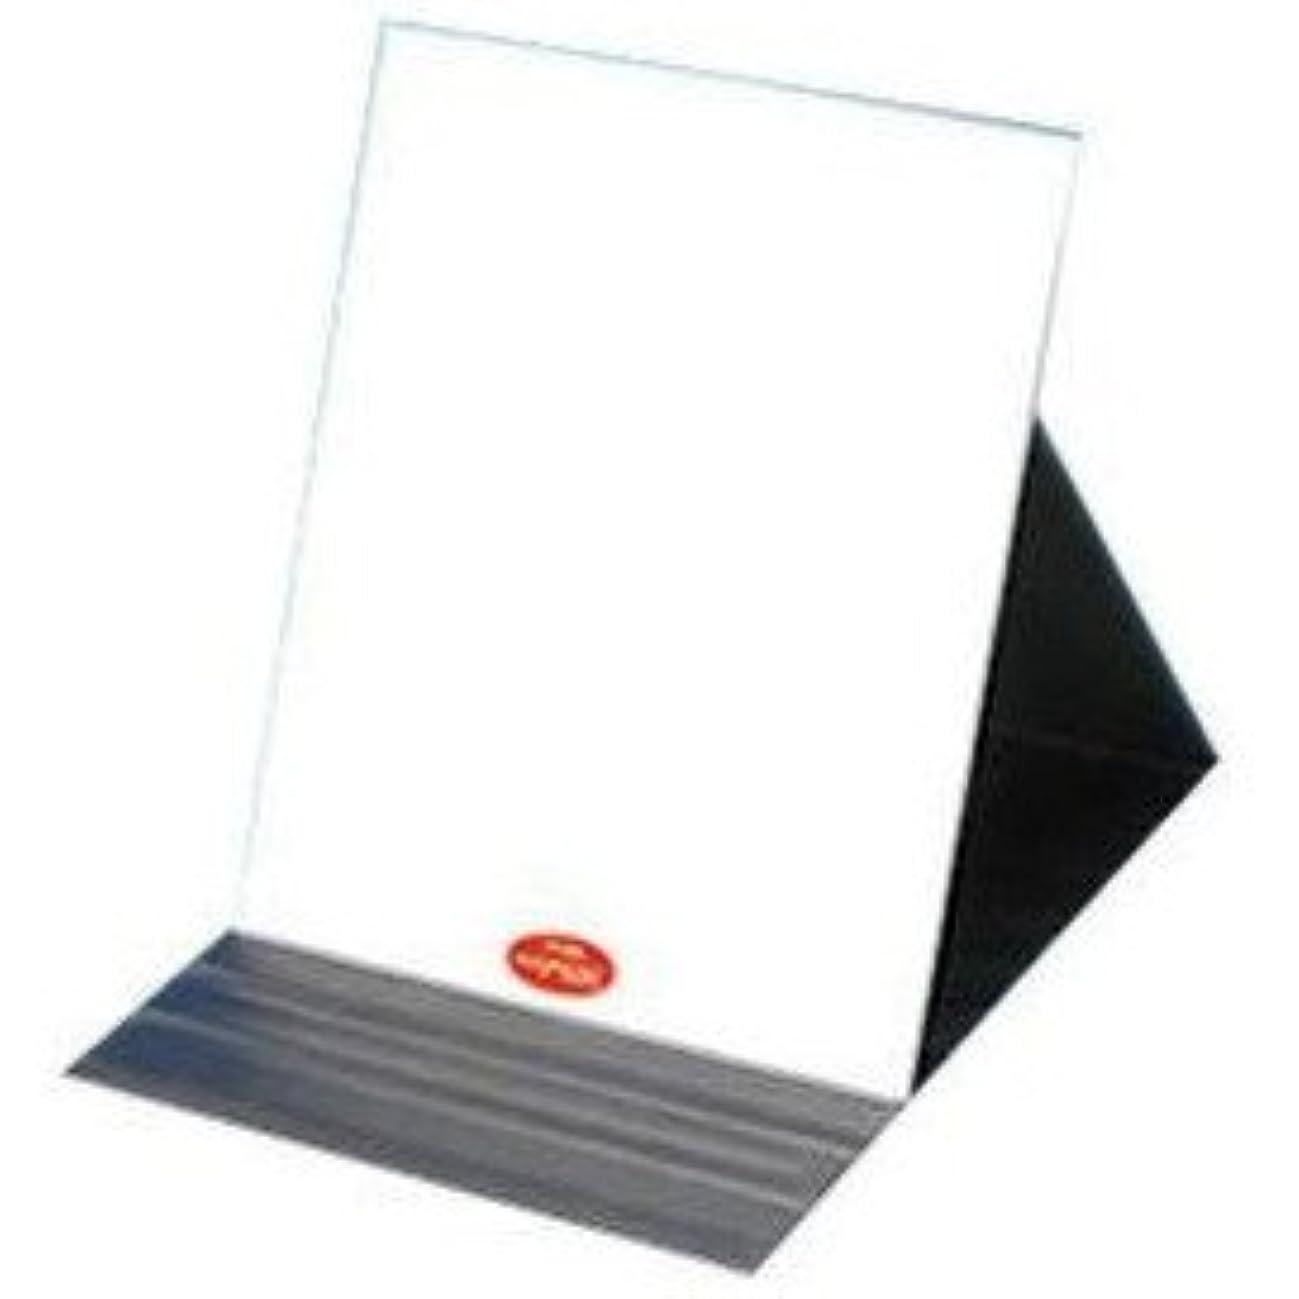 けがをする遅れエネルギーありのままの貴女を映し出す鏡『ナピュア プロモデル角度調整3段階付き折立ミラー エコ3L』